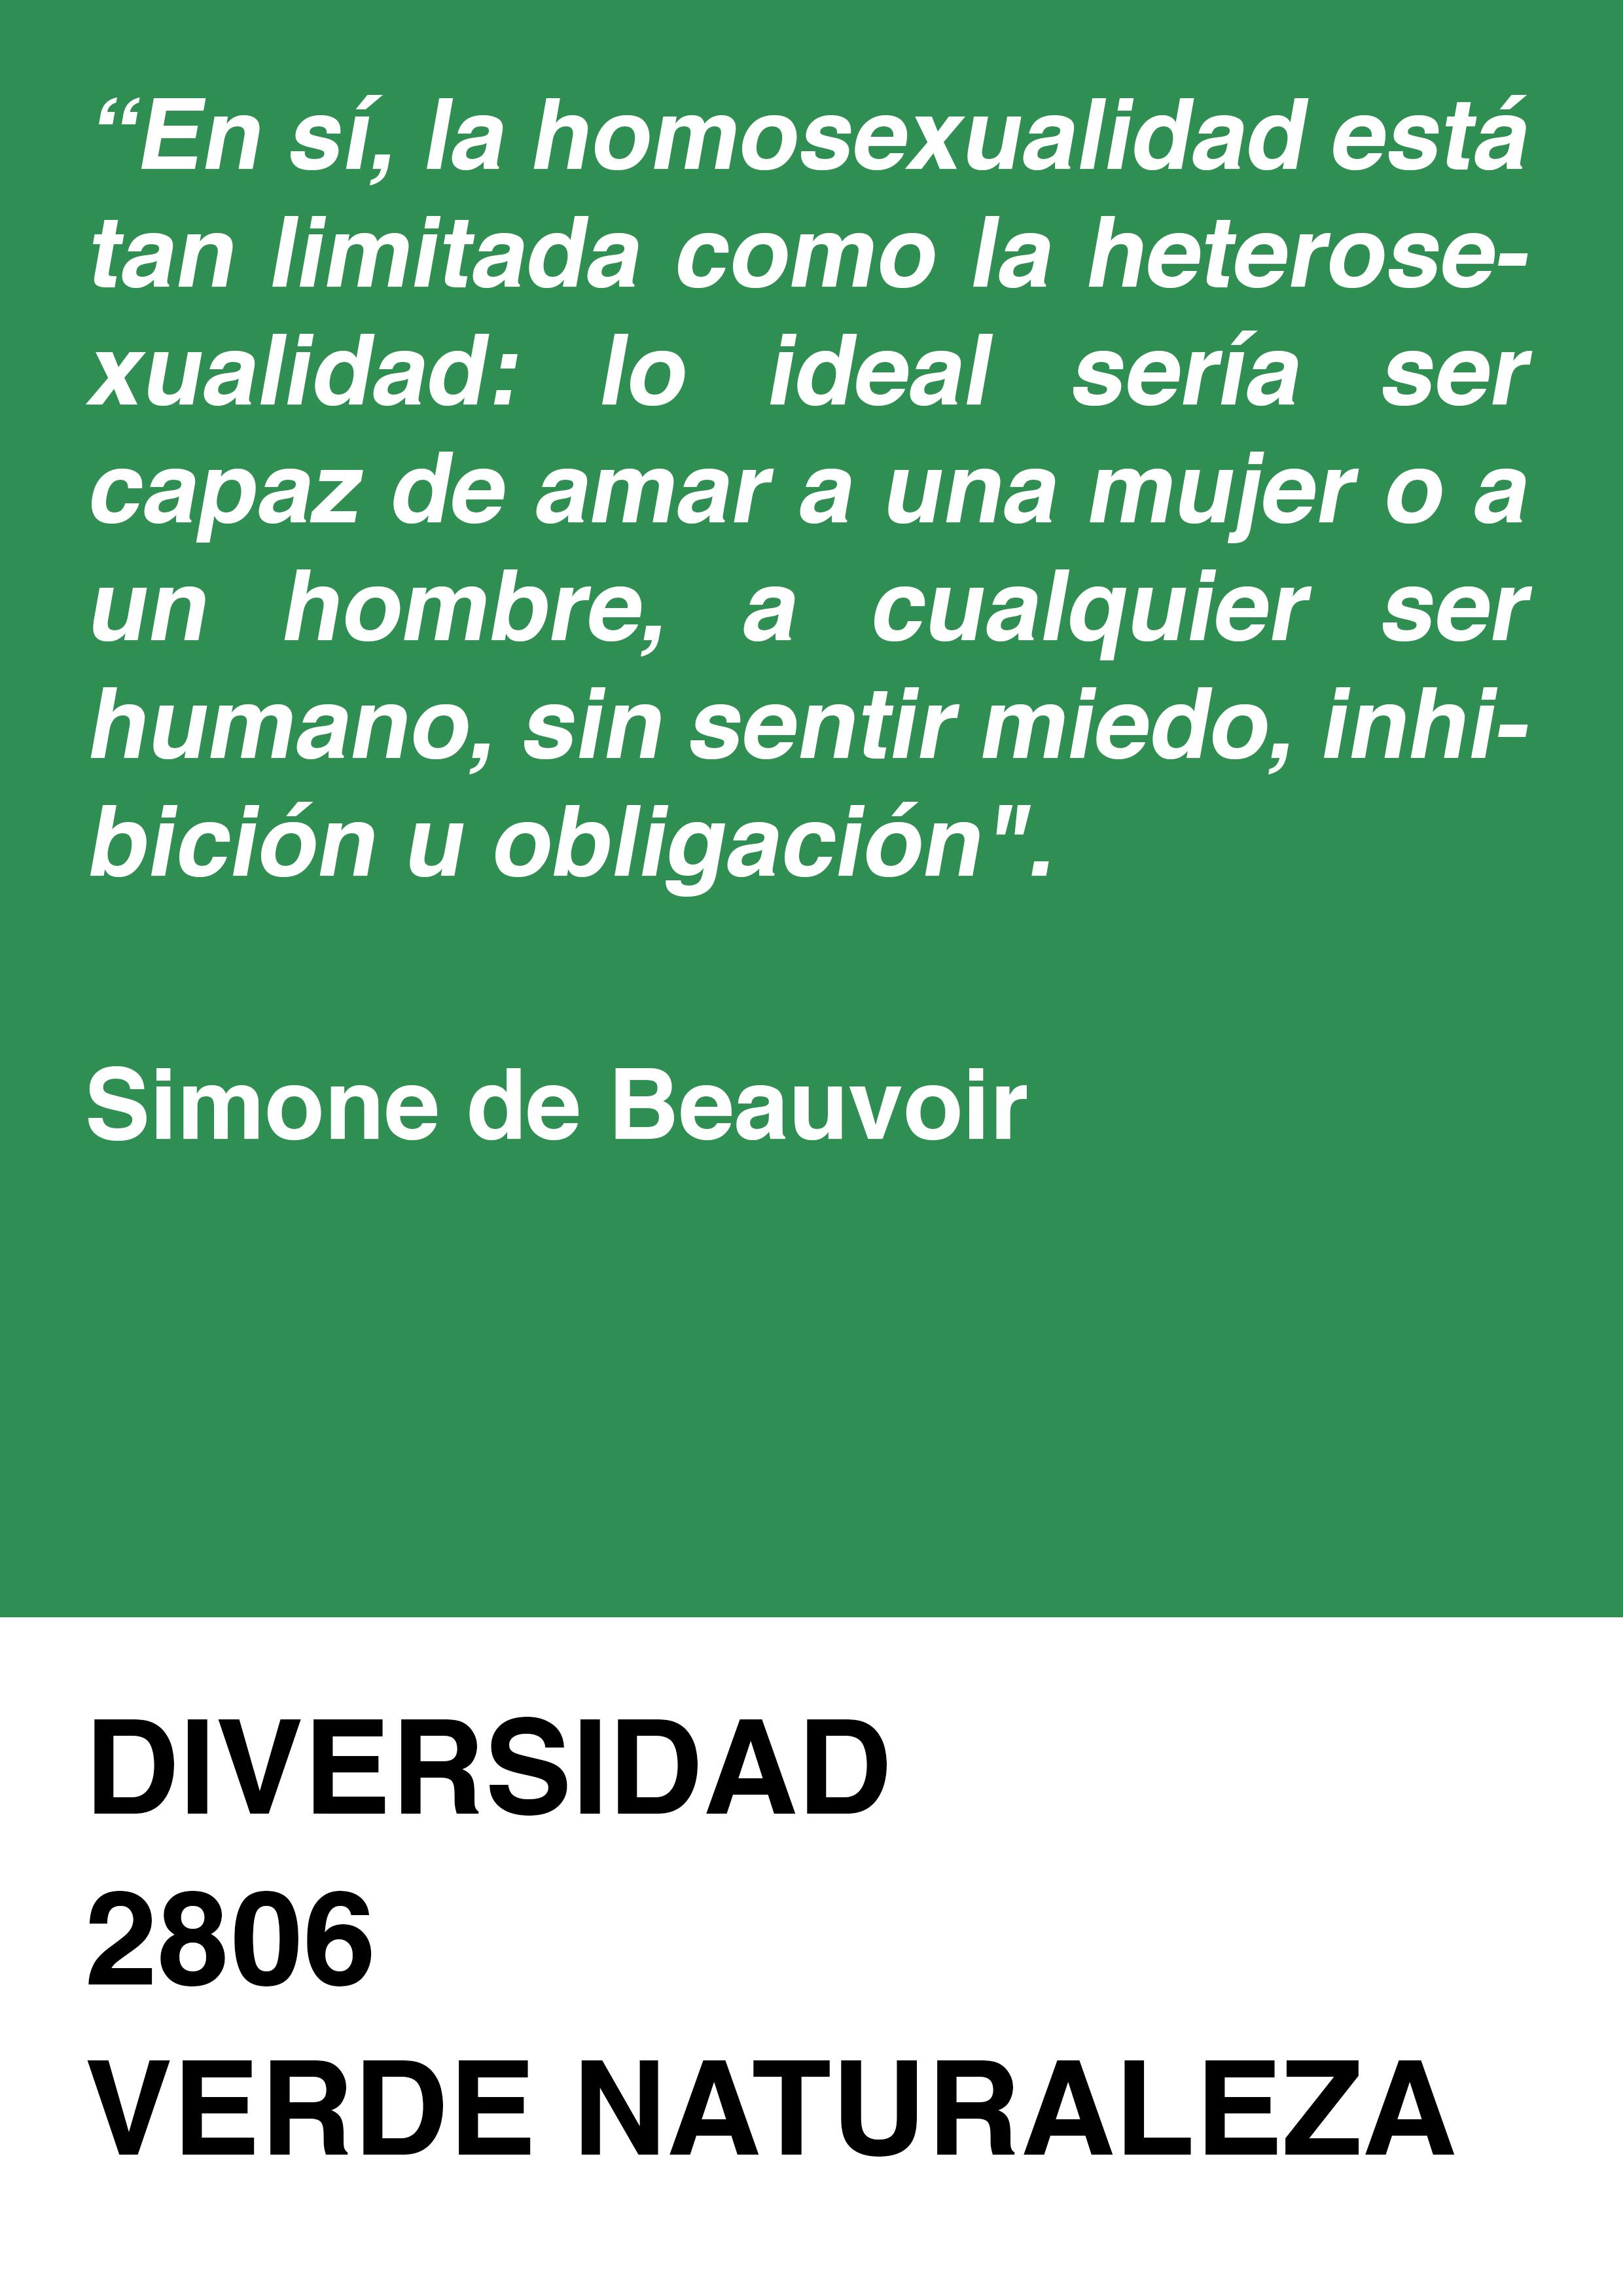 4.Verde